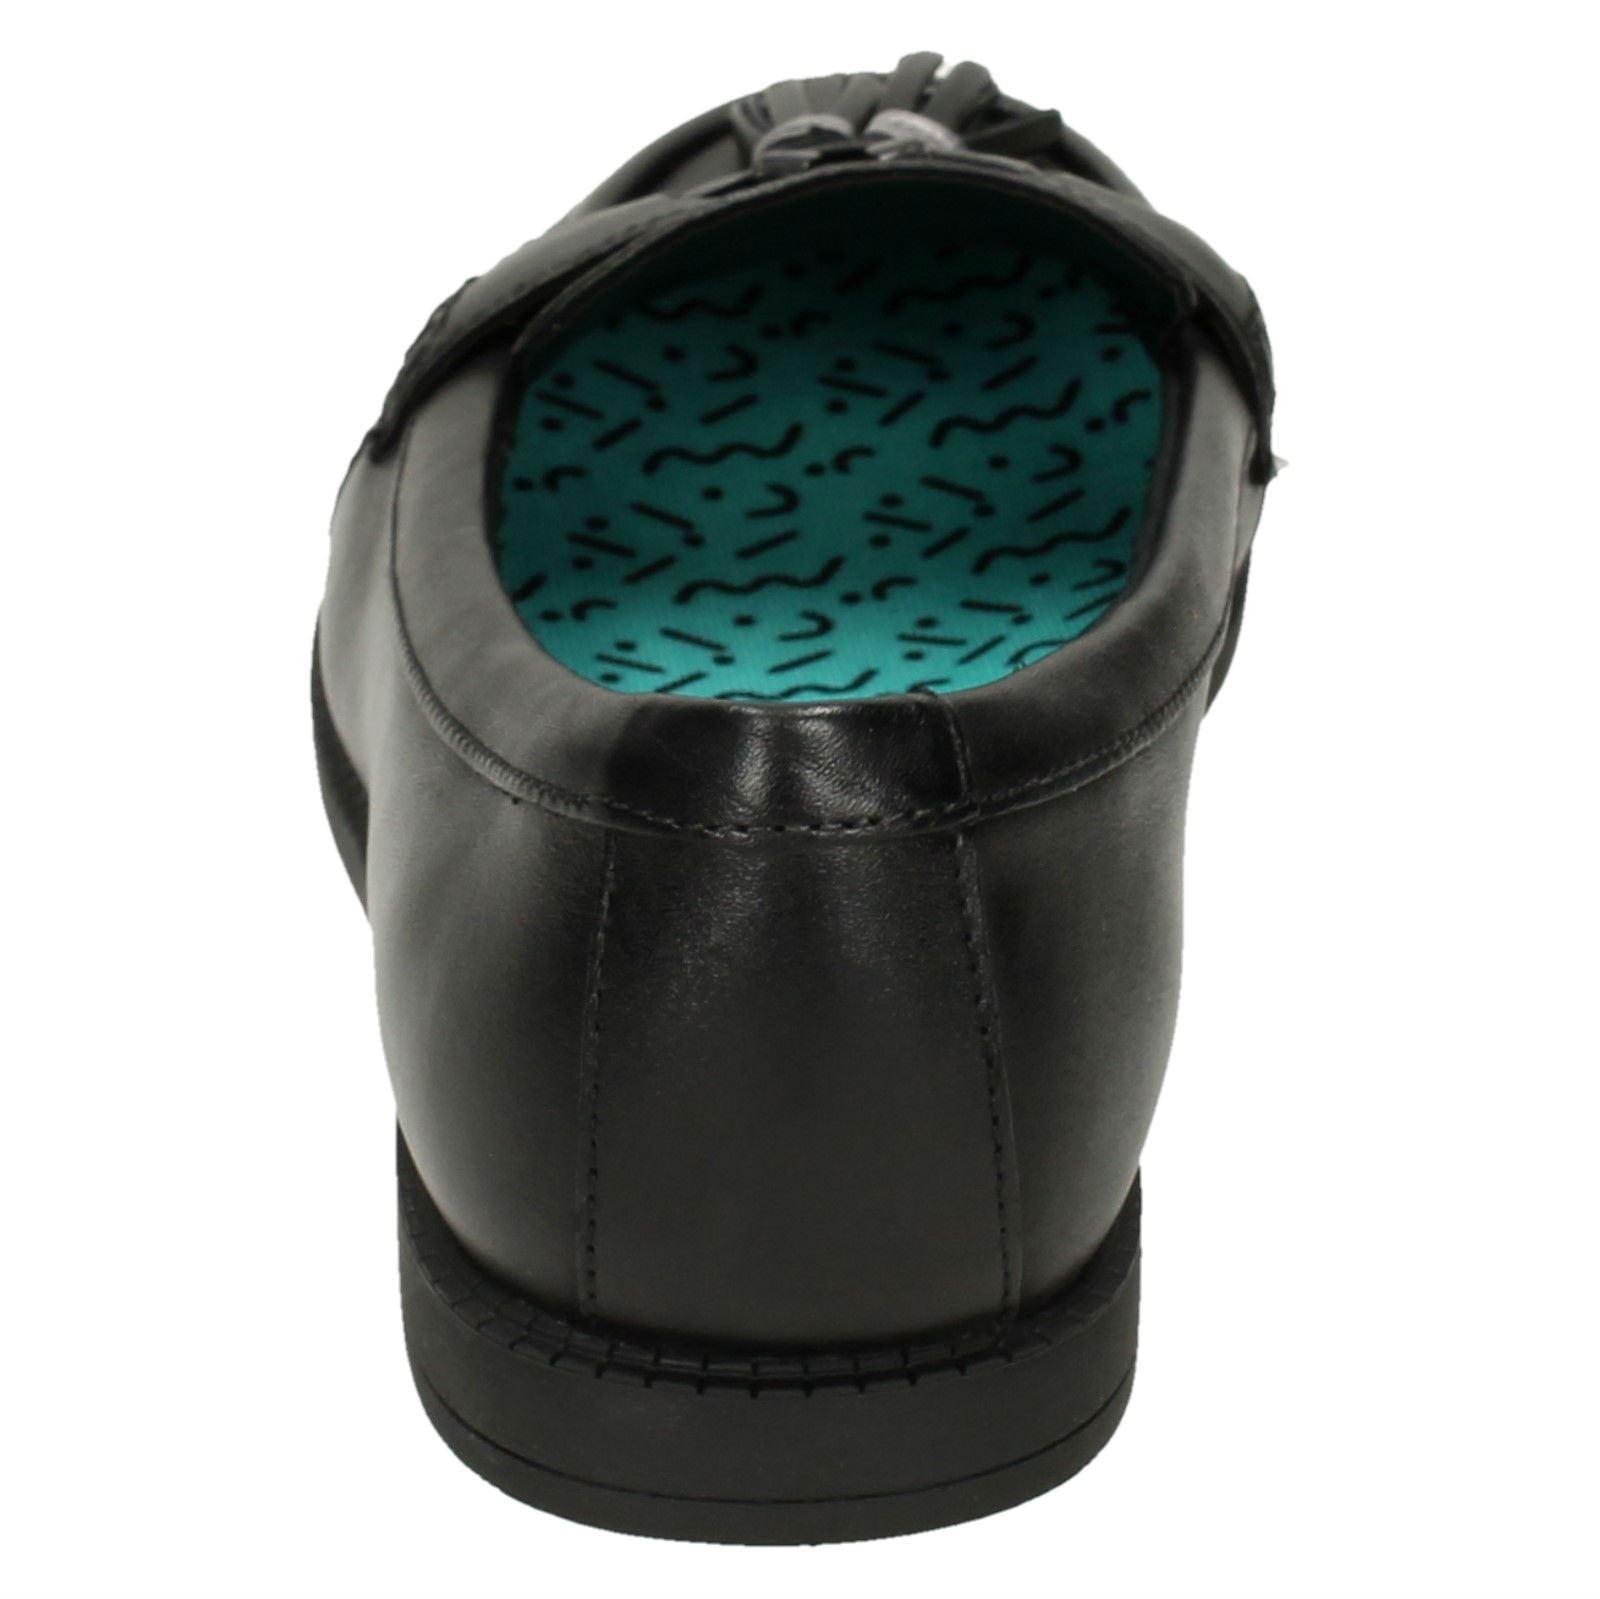 Chaussures-Fille-par-Clarks-Bord-a-Franges-Mocassins-Plats-039-Preppie-Bord-039